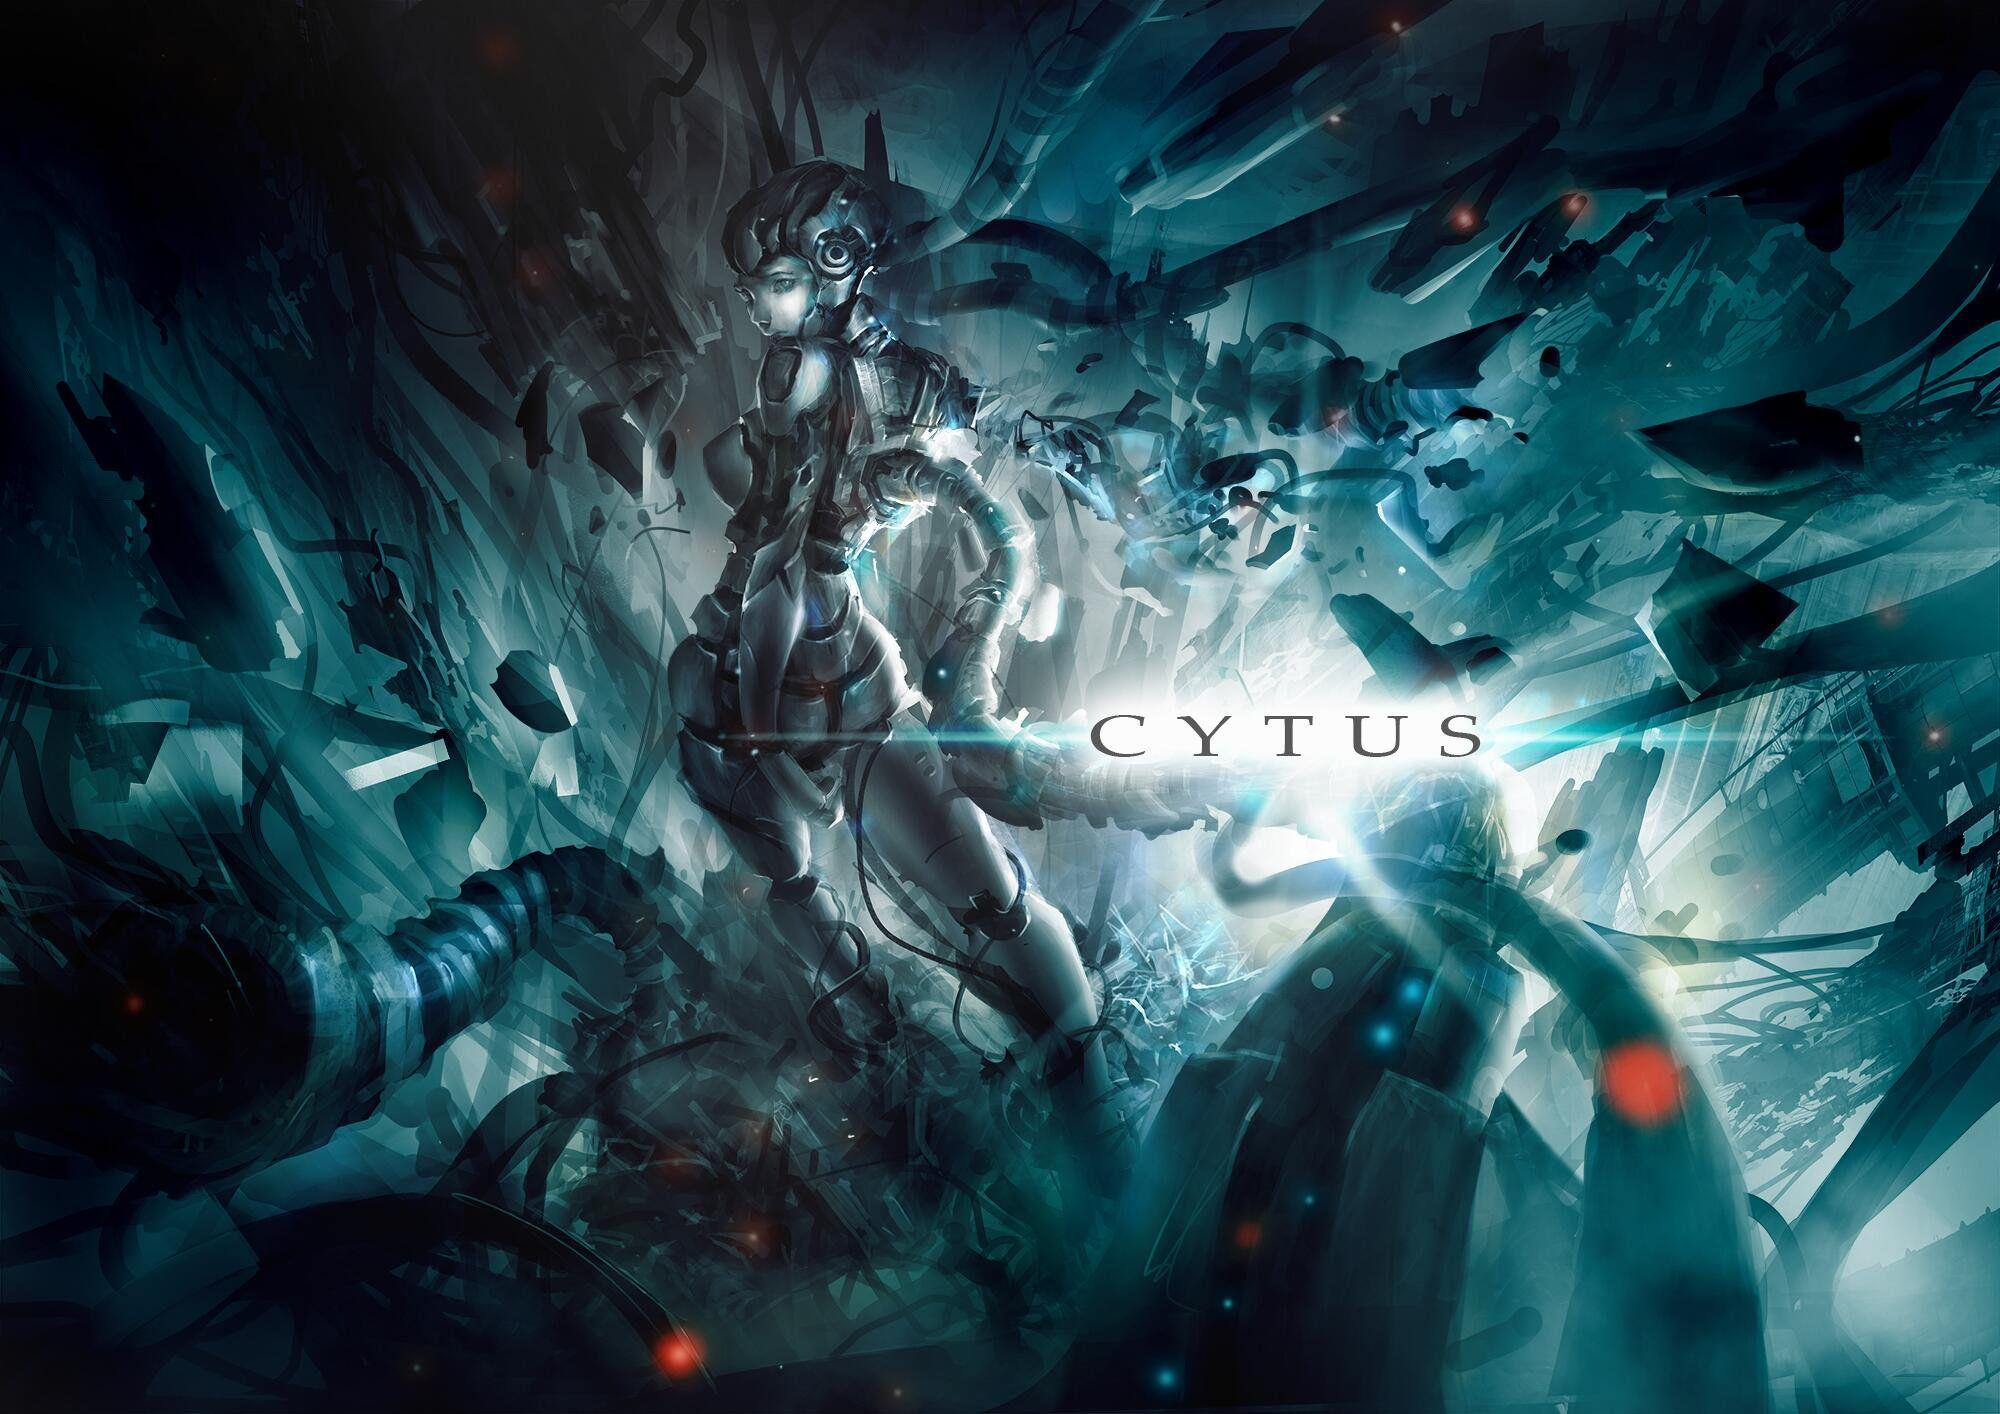 Cytus Cytus 公式 Art Cool Desktop Wallpapers Game Art